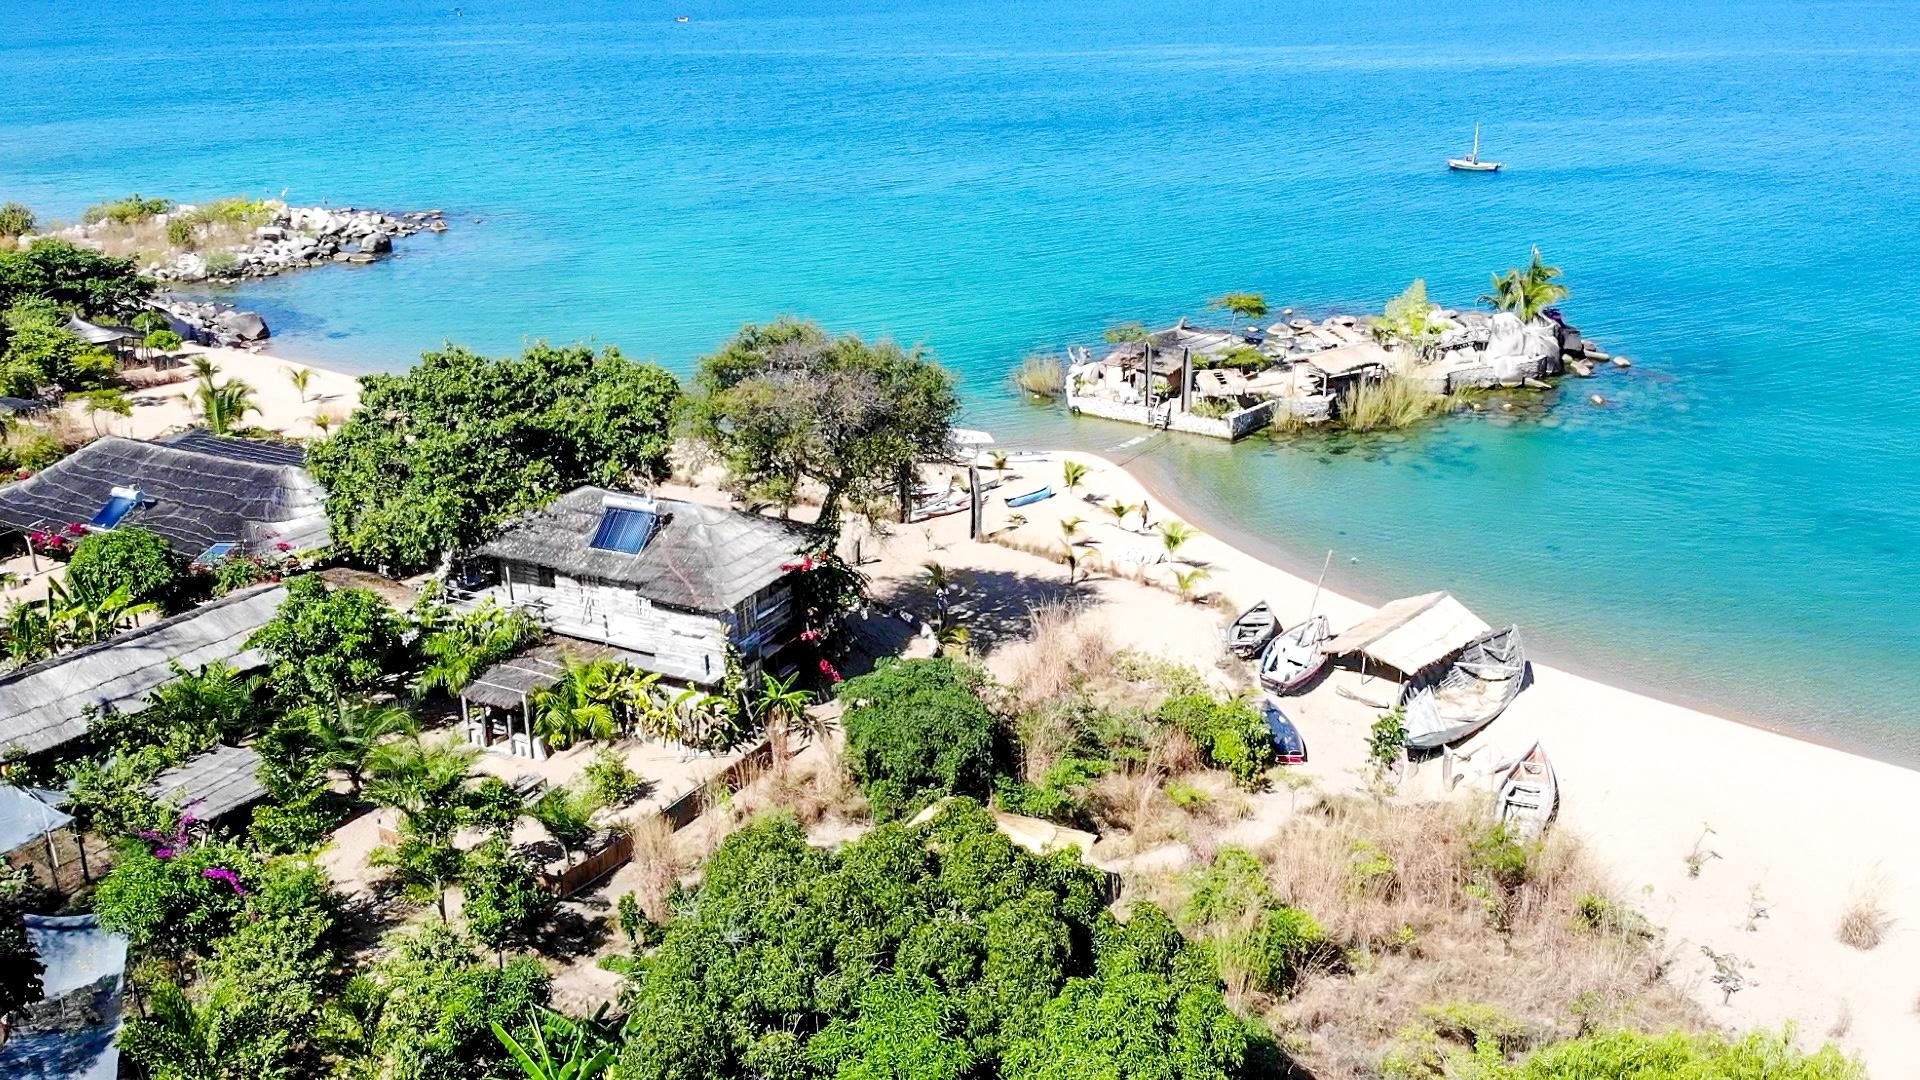 Likoma island – Malawi